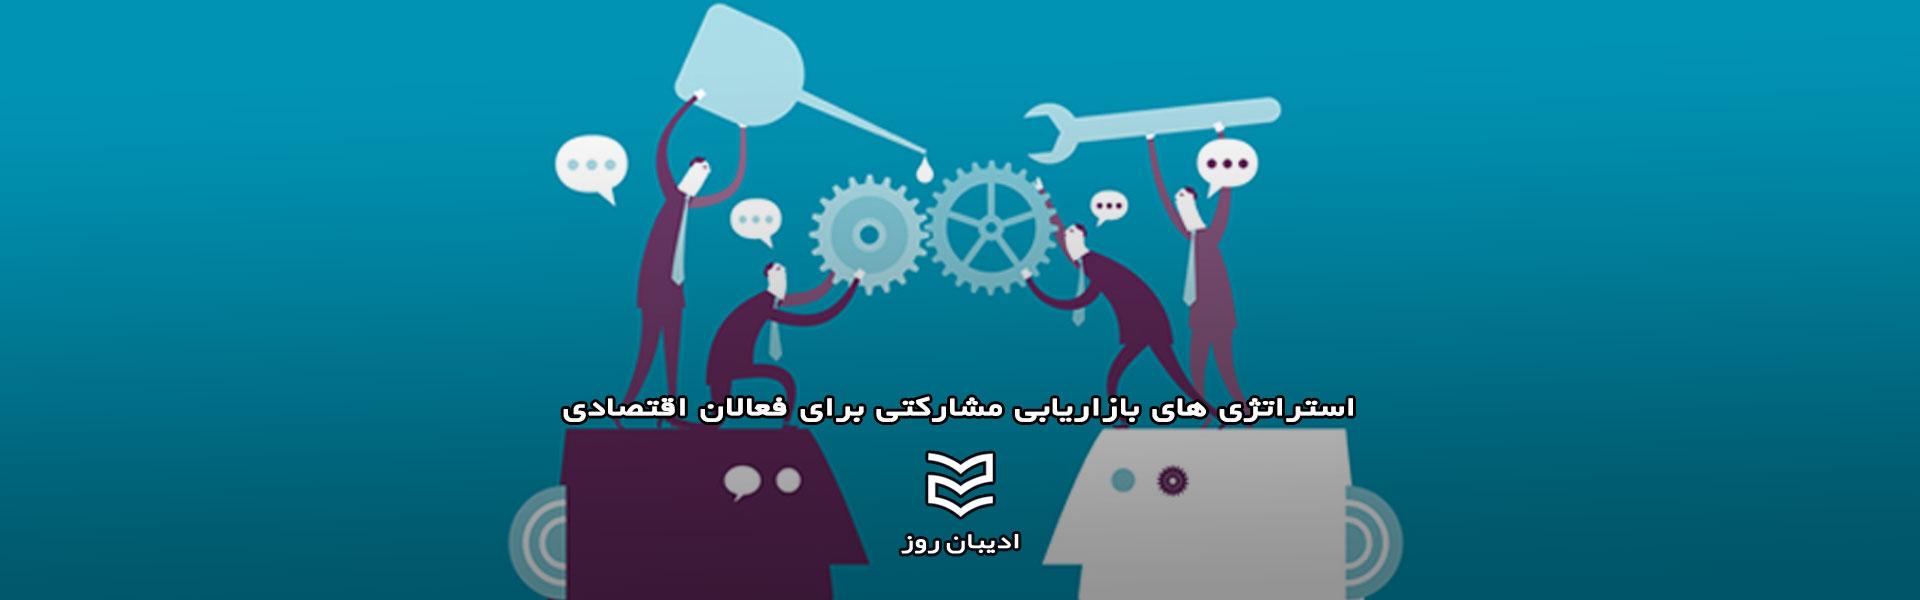 استراتژی های بازاریابی مشارکتی برای فعالان اقتصادی